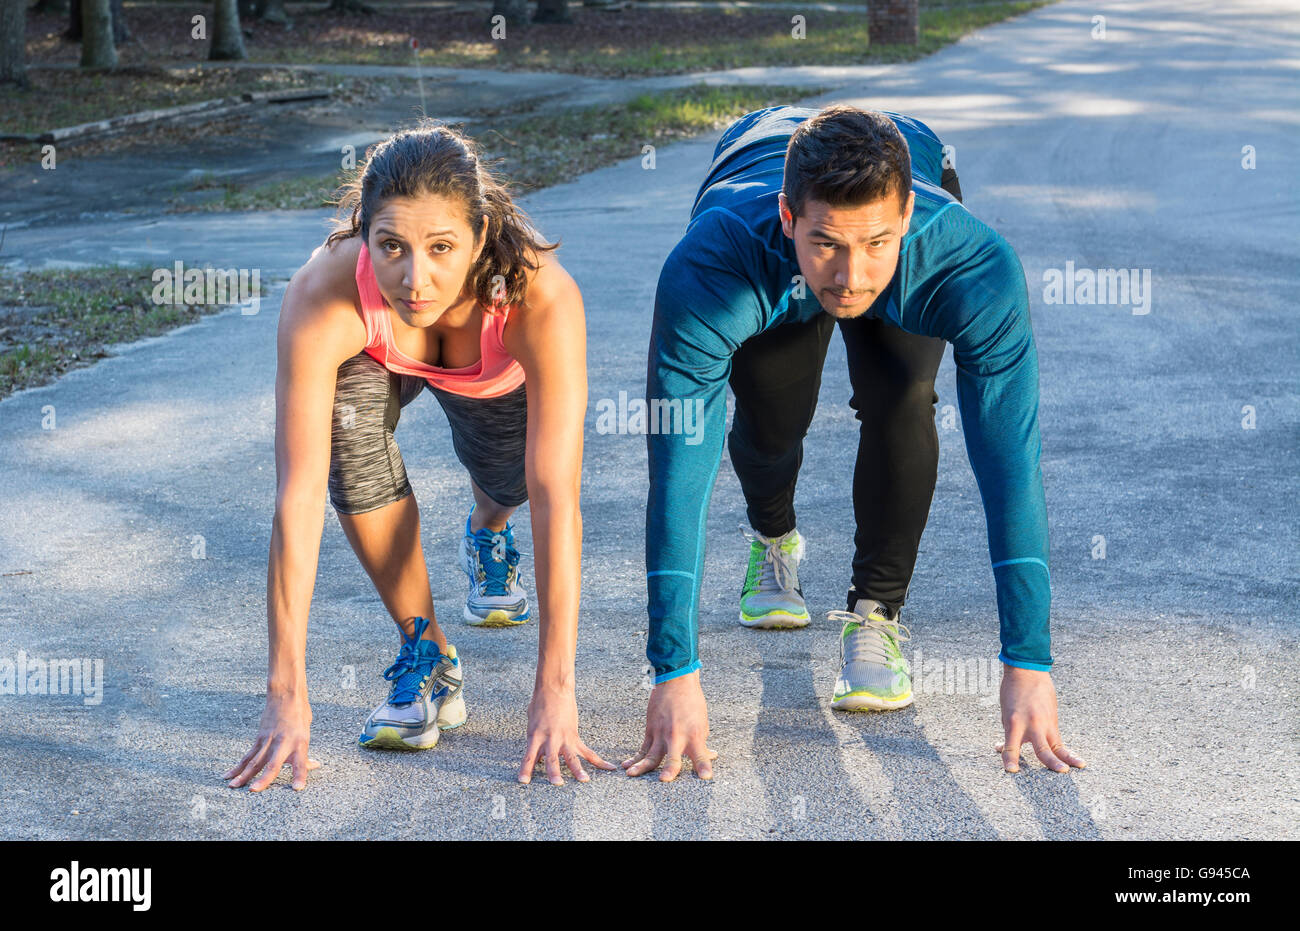 Young Hispanic couple espagnol de ligne de départ l'exécution de la concurrence concours gagnant tendue Photo Stock